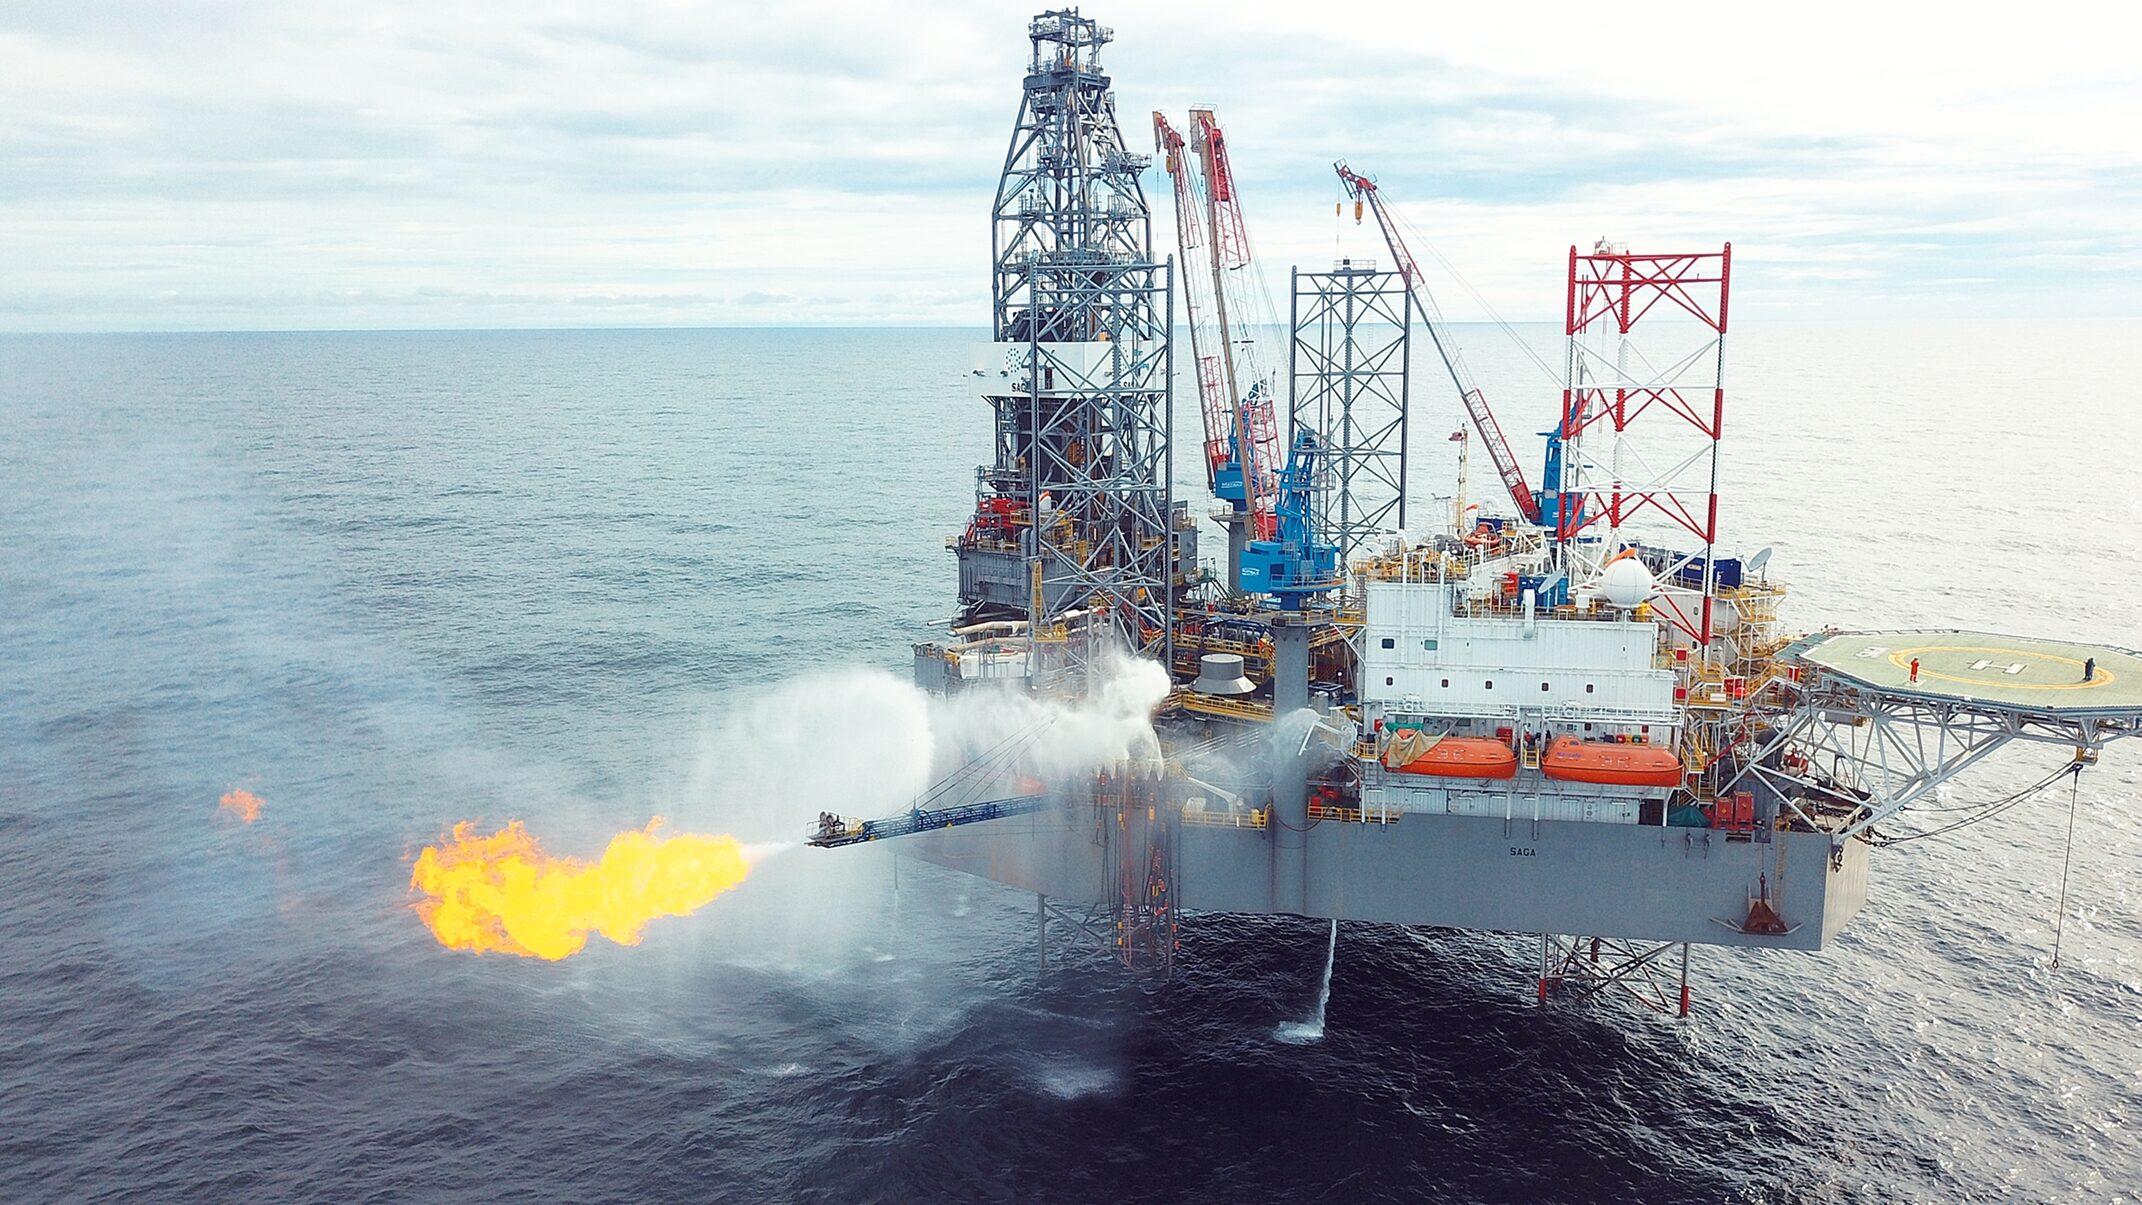 ปตท.สผ.พบแหล่งก๊าซธรรมชาติขนาดใหญ่สุดในมาเลเซีย